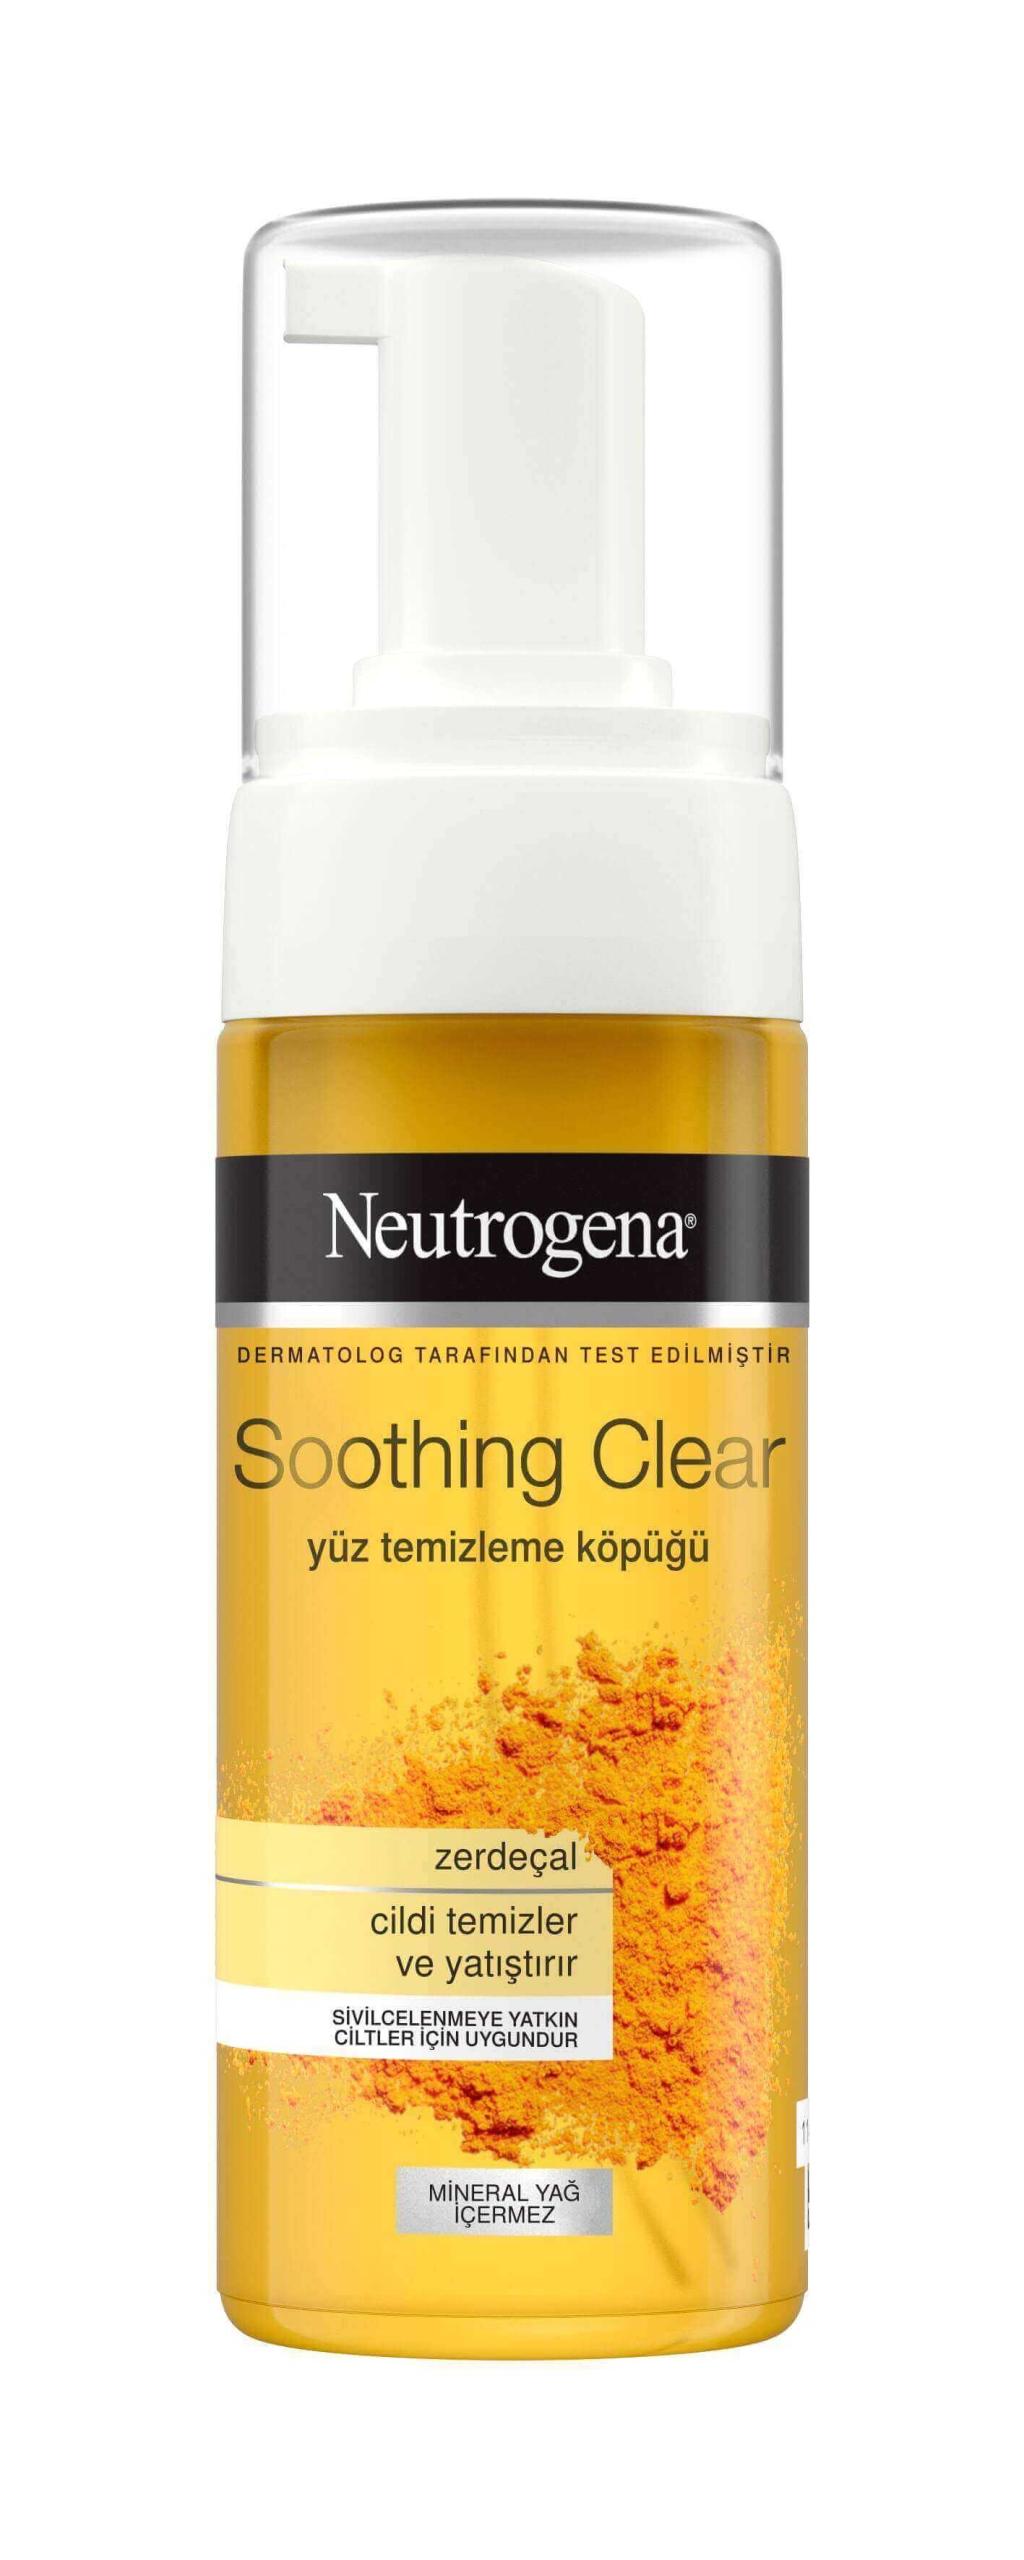 Neutrogena Soothing Clear Yüz Temizleme Köpüğü